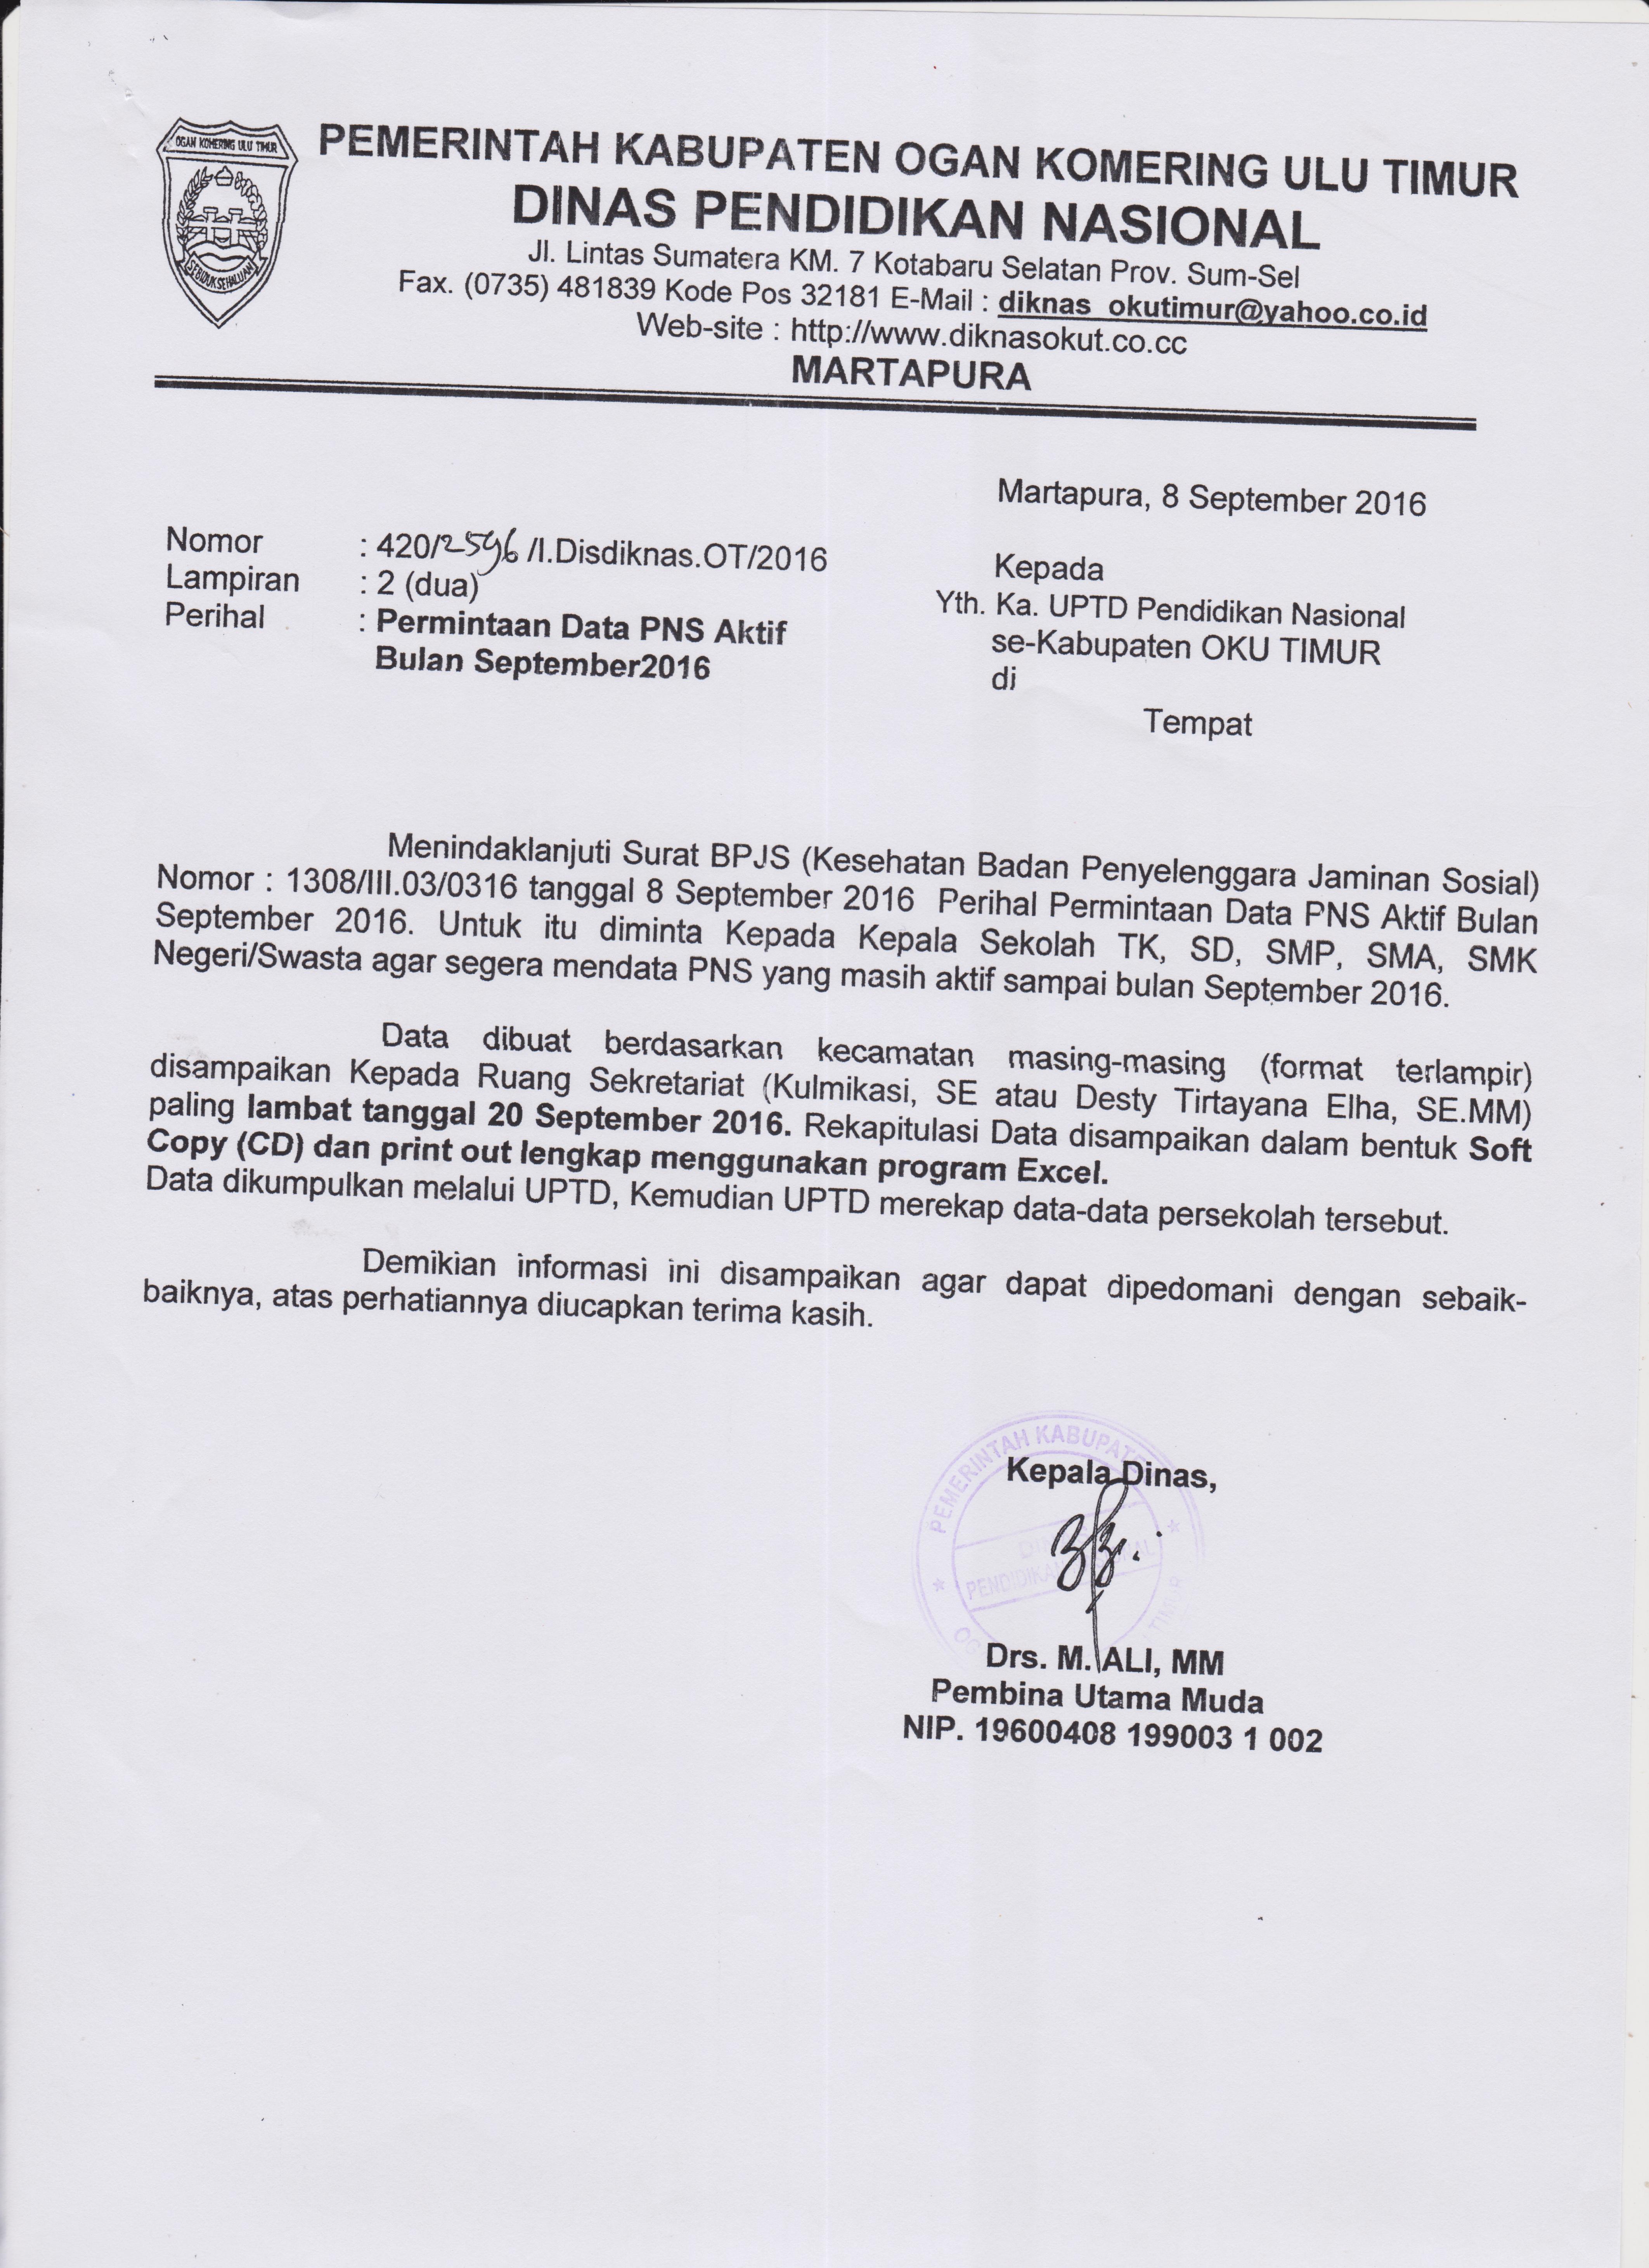 Permintaan Data Pns Aktif Bulan September 2016 Kelompok Kerja